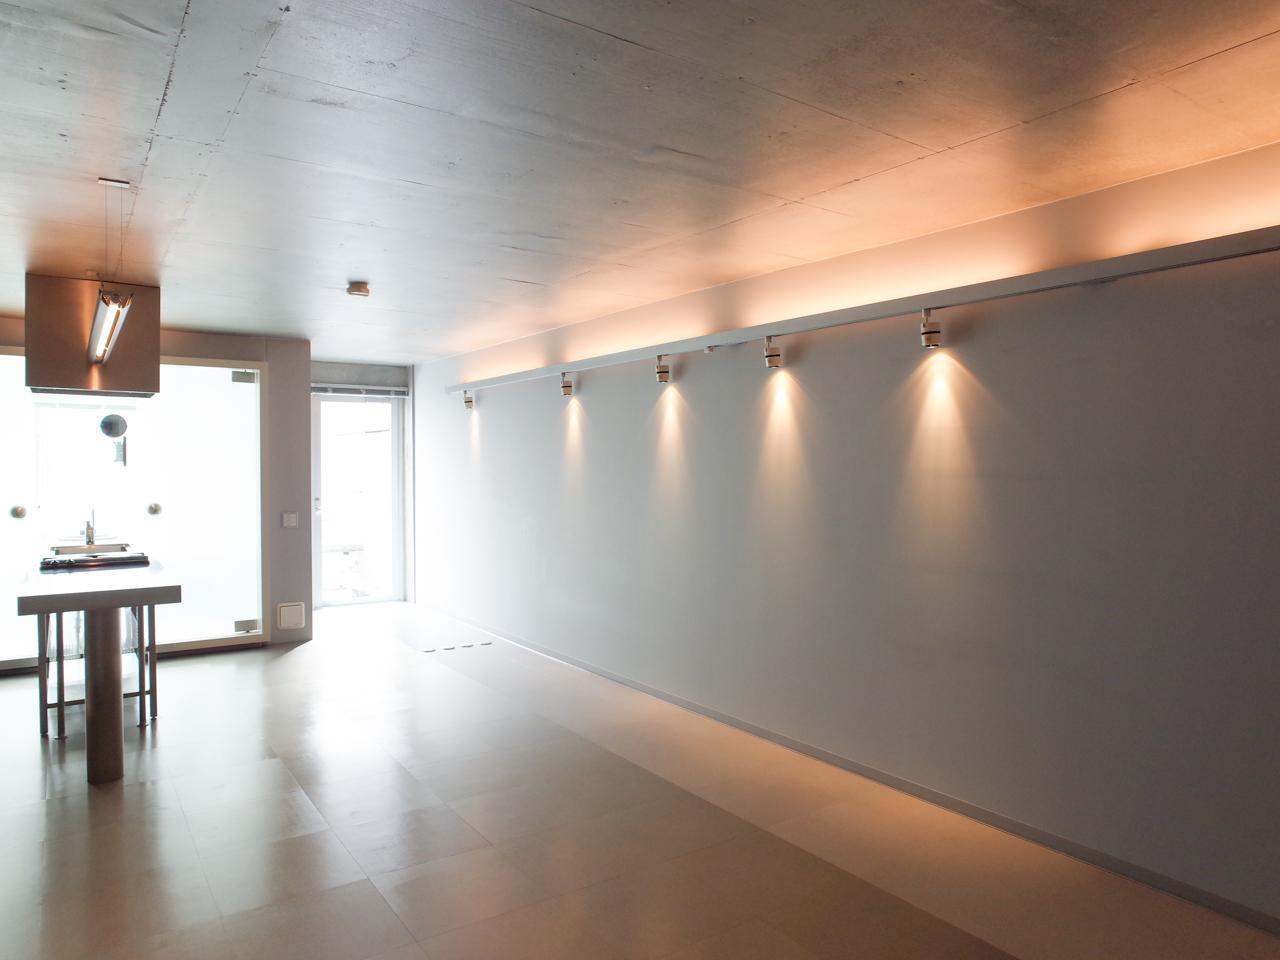 間接照明が無機質な空間に映えます